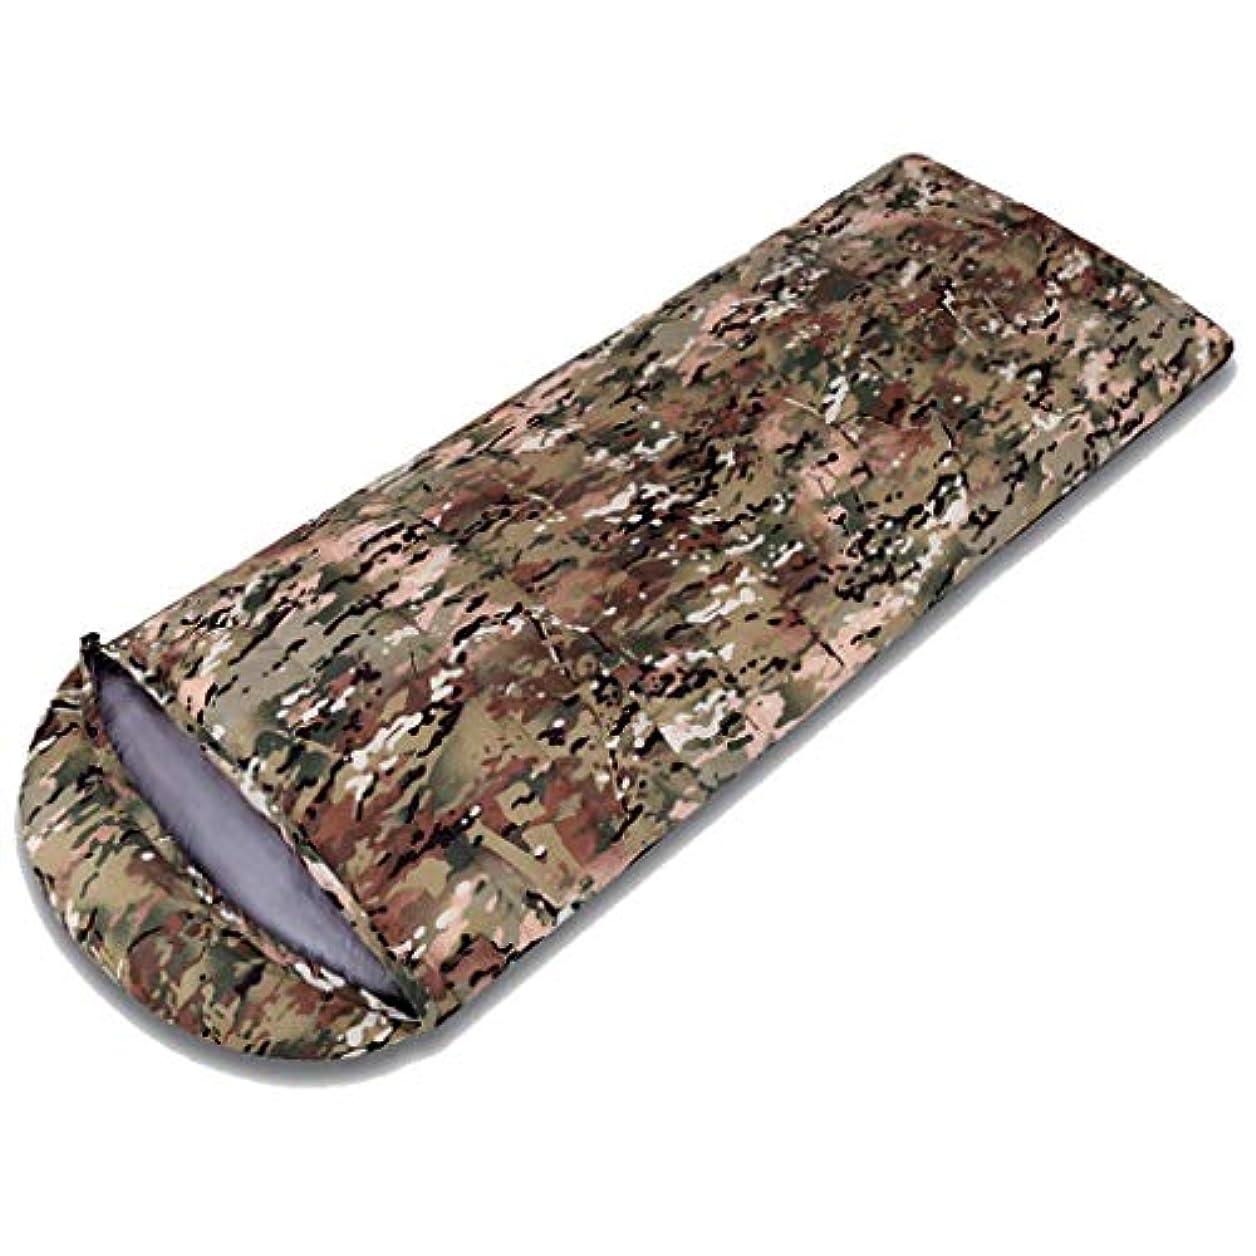 浮く治安判事ピーブ携帯用超軽い寝袋の防水封筒は屋外の屋内のためのキャンプの下で鴨します